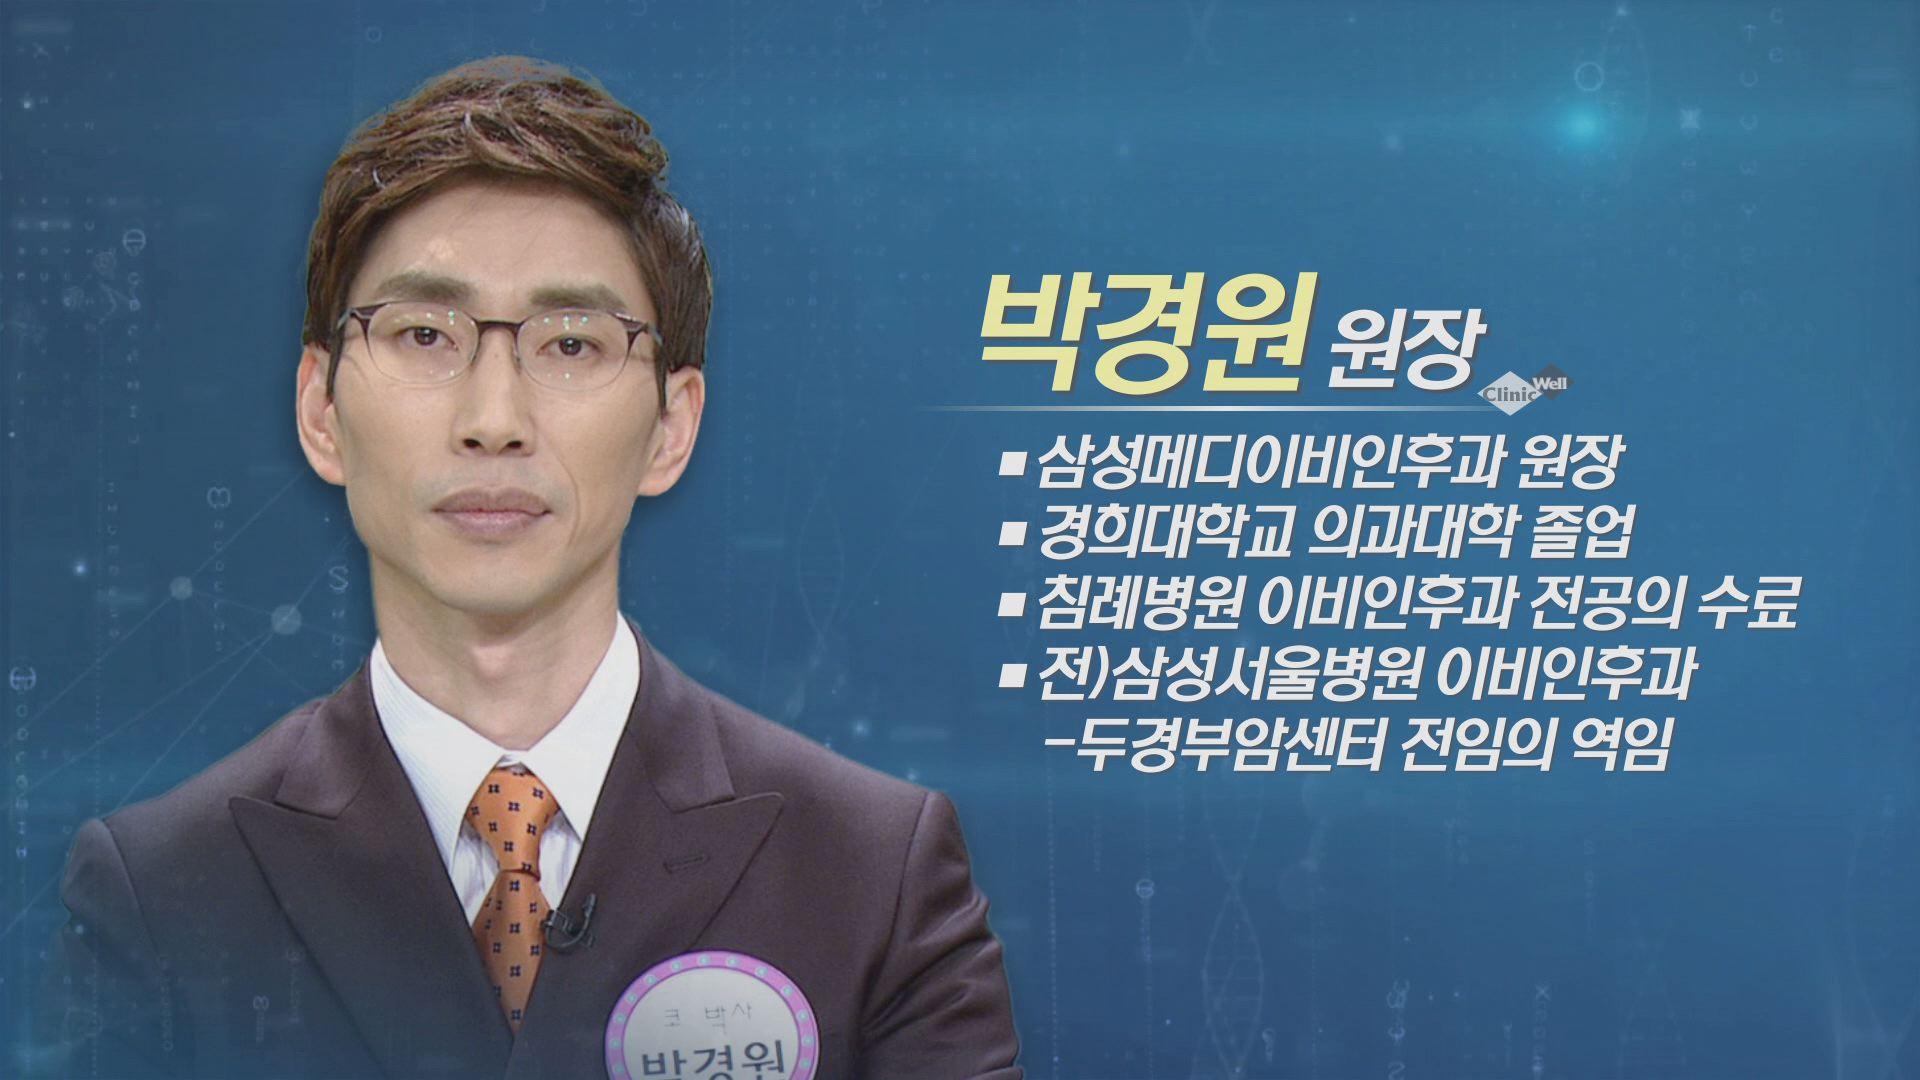 (04/08 방영) 봄철 코막힘을 풀어라! (박경원/삼성메디이비인후 원장)